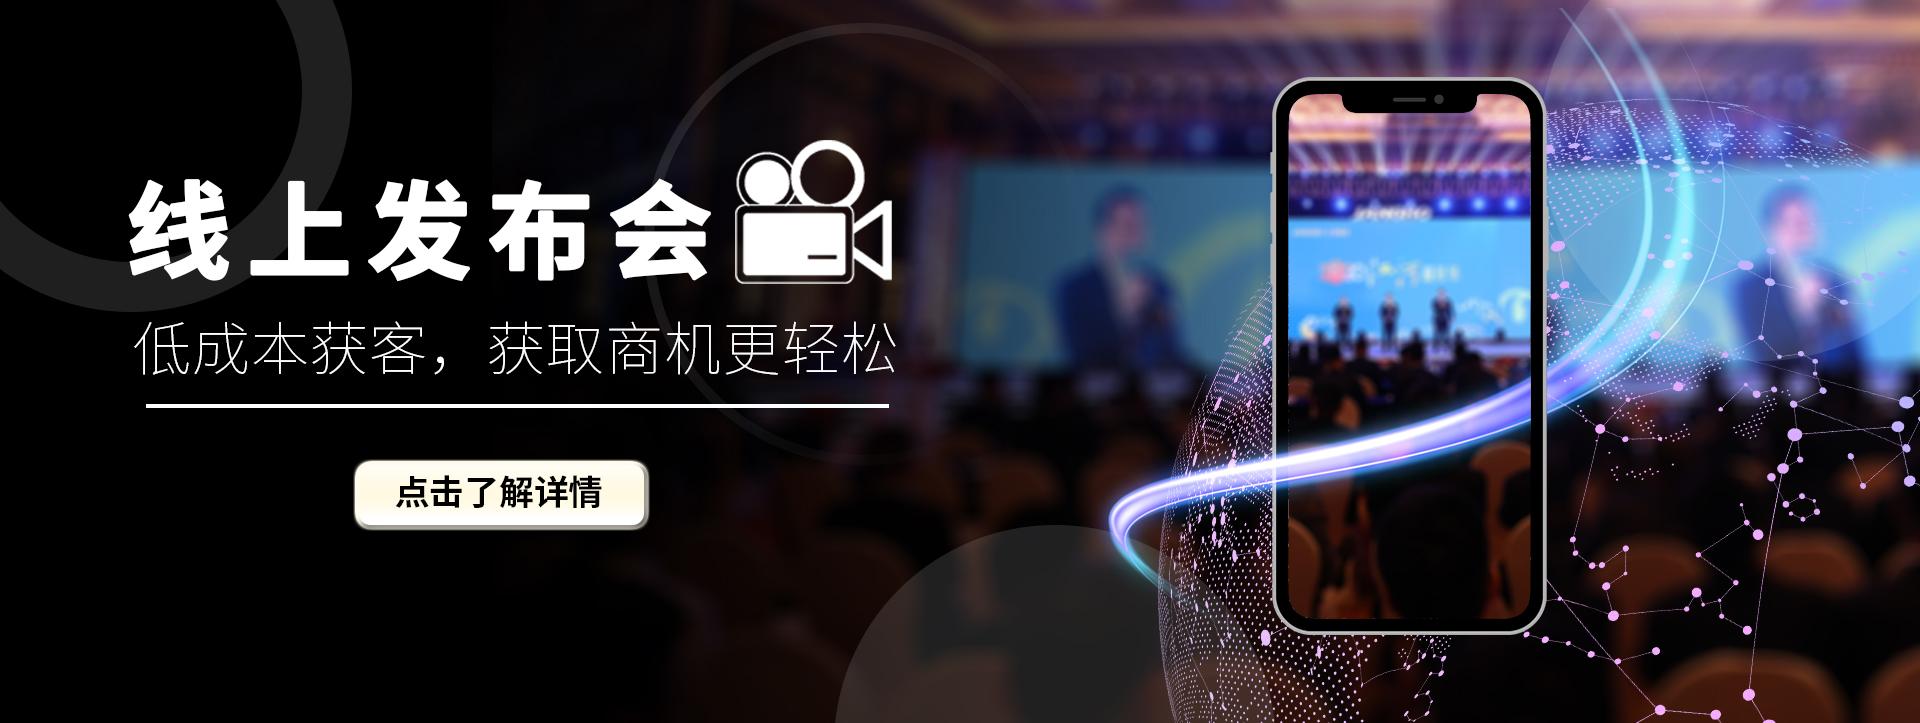 广州大型活动策划公司